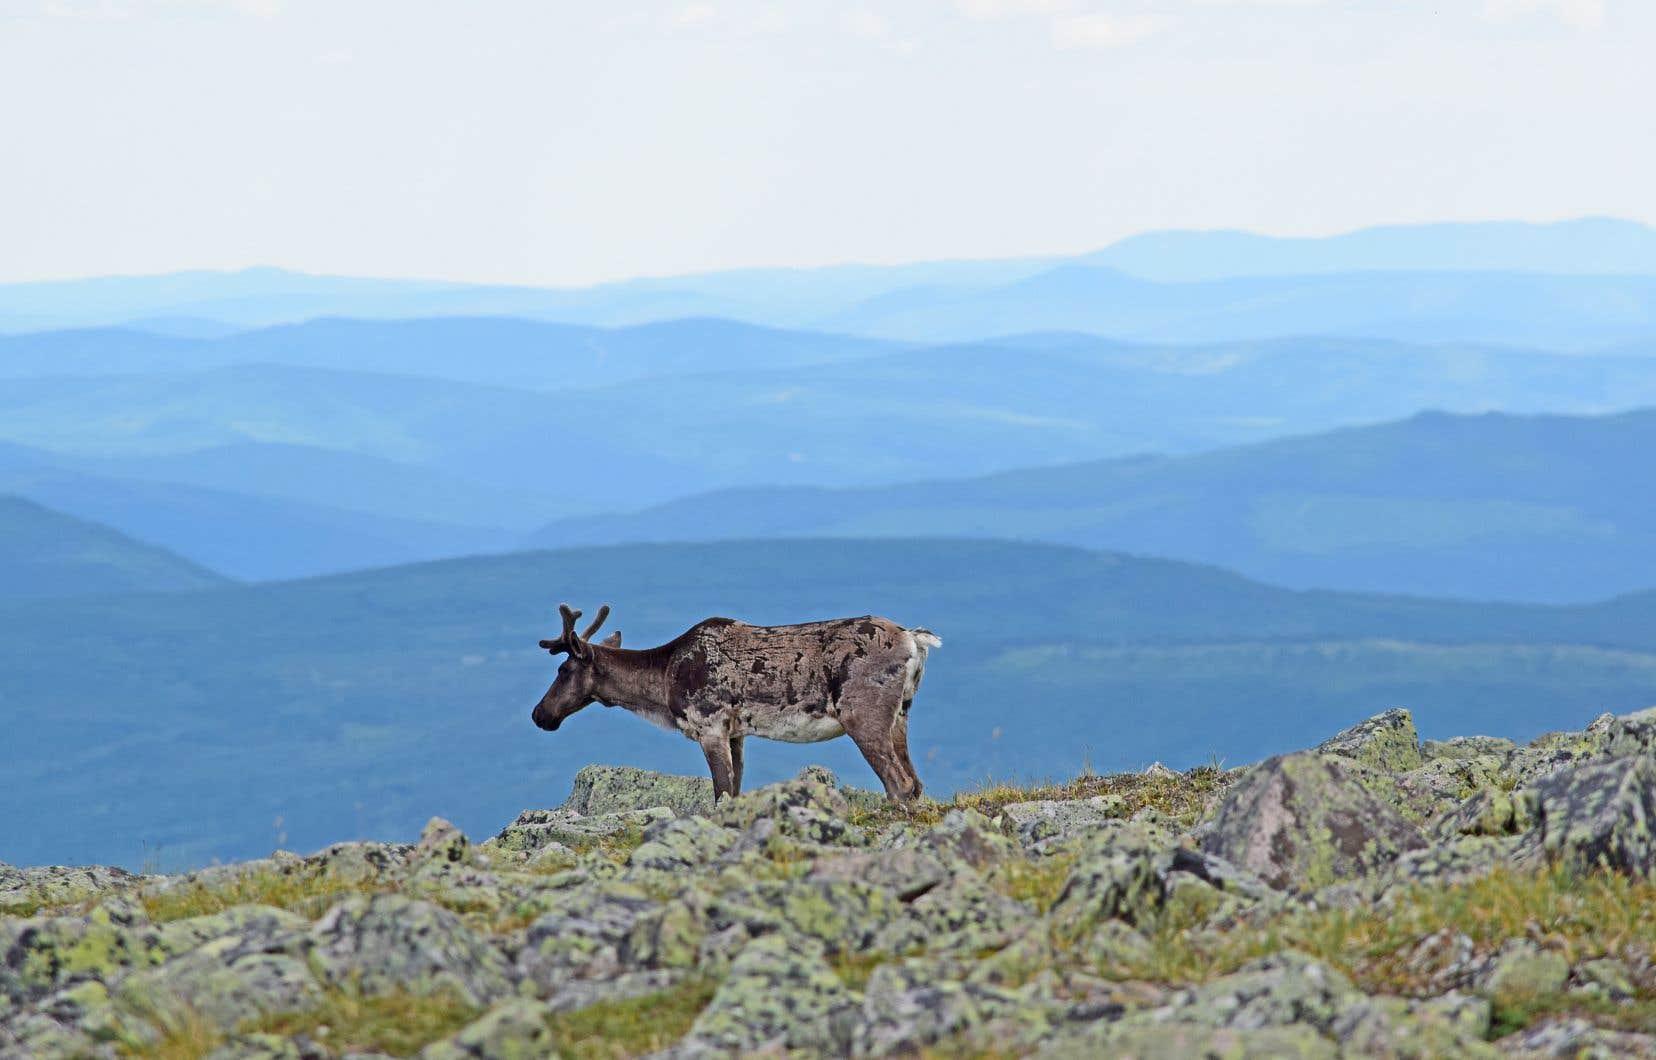 Le béluga, le caribou (sur la photo), le monarque et l'ours polaire font partie au Canada des espèces menacées d'extinction.